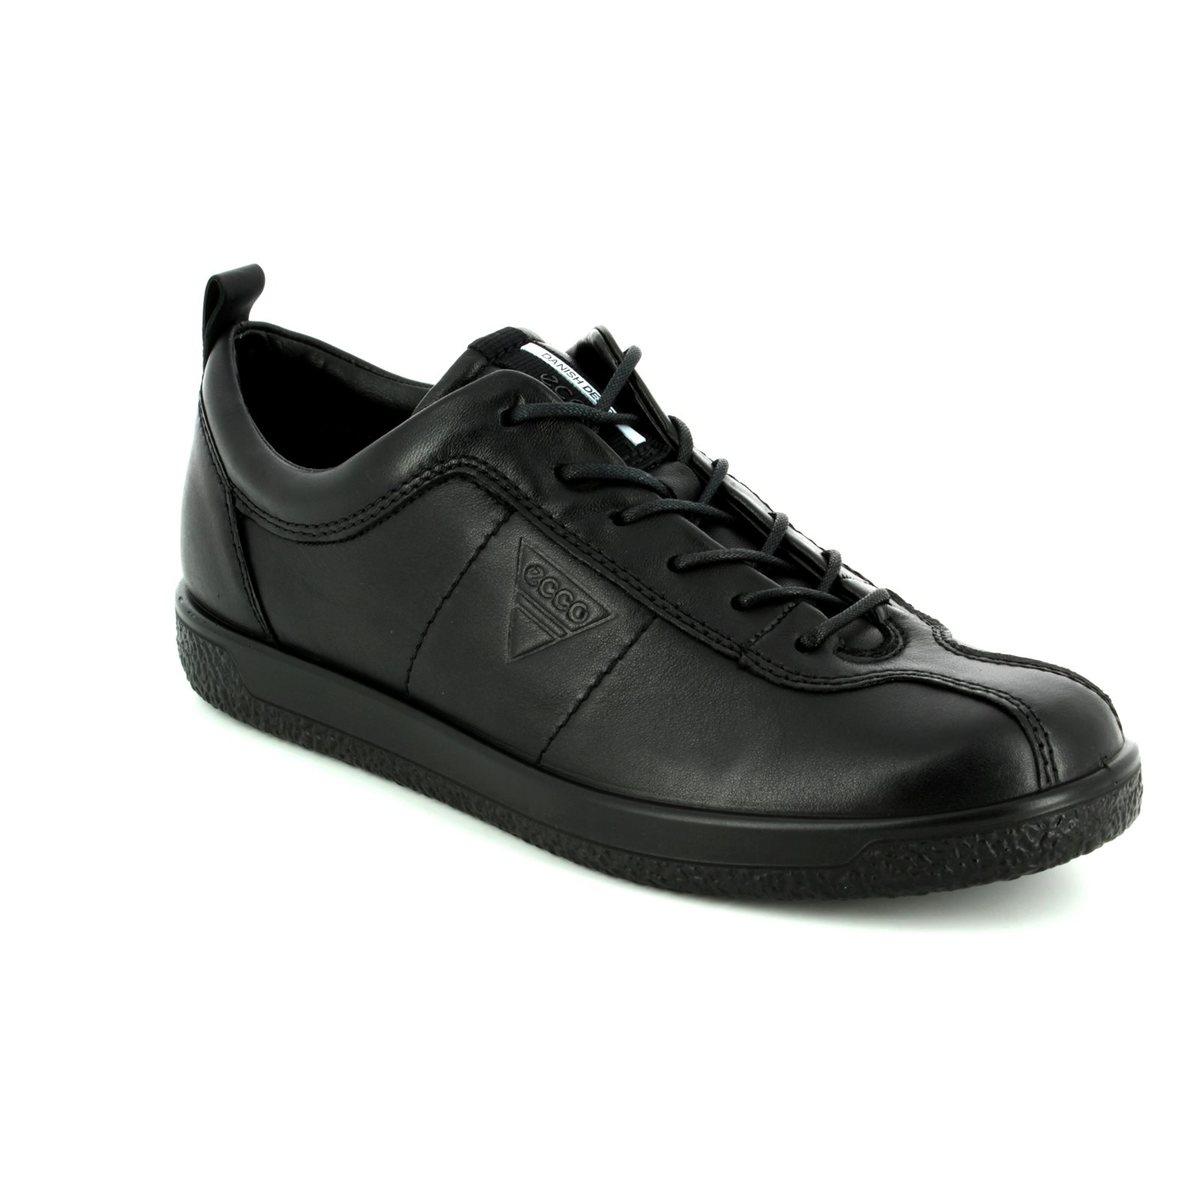 ae386d36f24ff ECCO Lacing Shoes - Black - 400503/01001 SOFT 1 LADIES